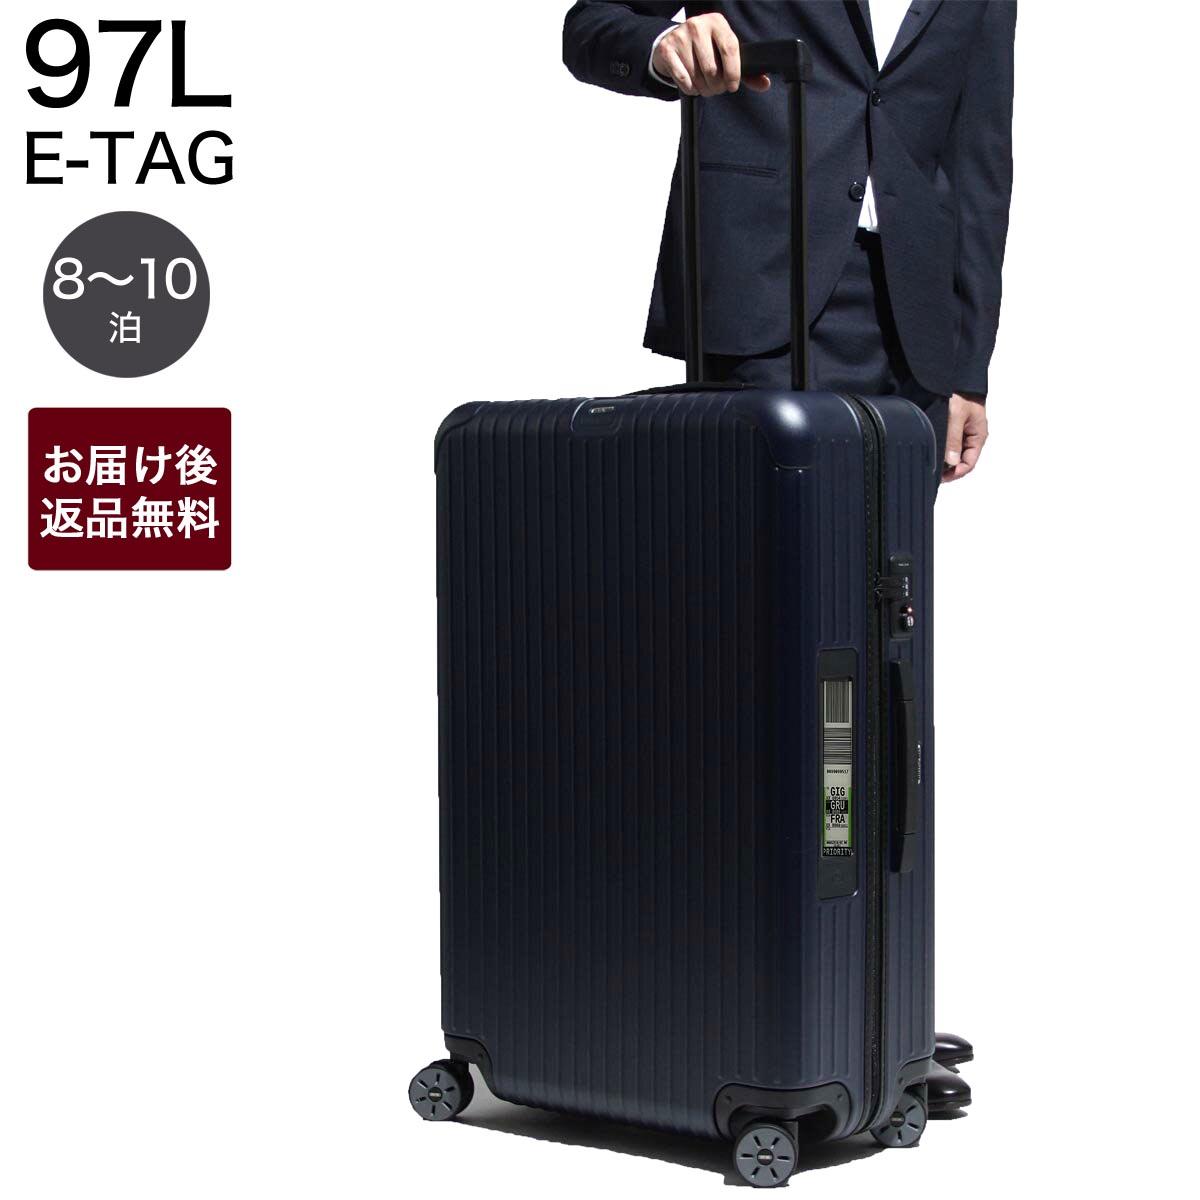 リモワ RIMOWA スーツケース 電子タグ仕様 キャリーケース ブルー メンズ レディース 旅行 出張 トラベル 大容量 811.77.39.5 SALSA 77 E-TAG サルサ 97L【返品送料無料】【180809】